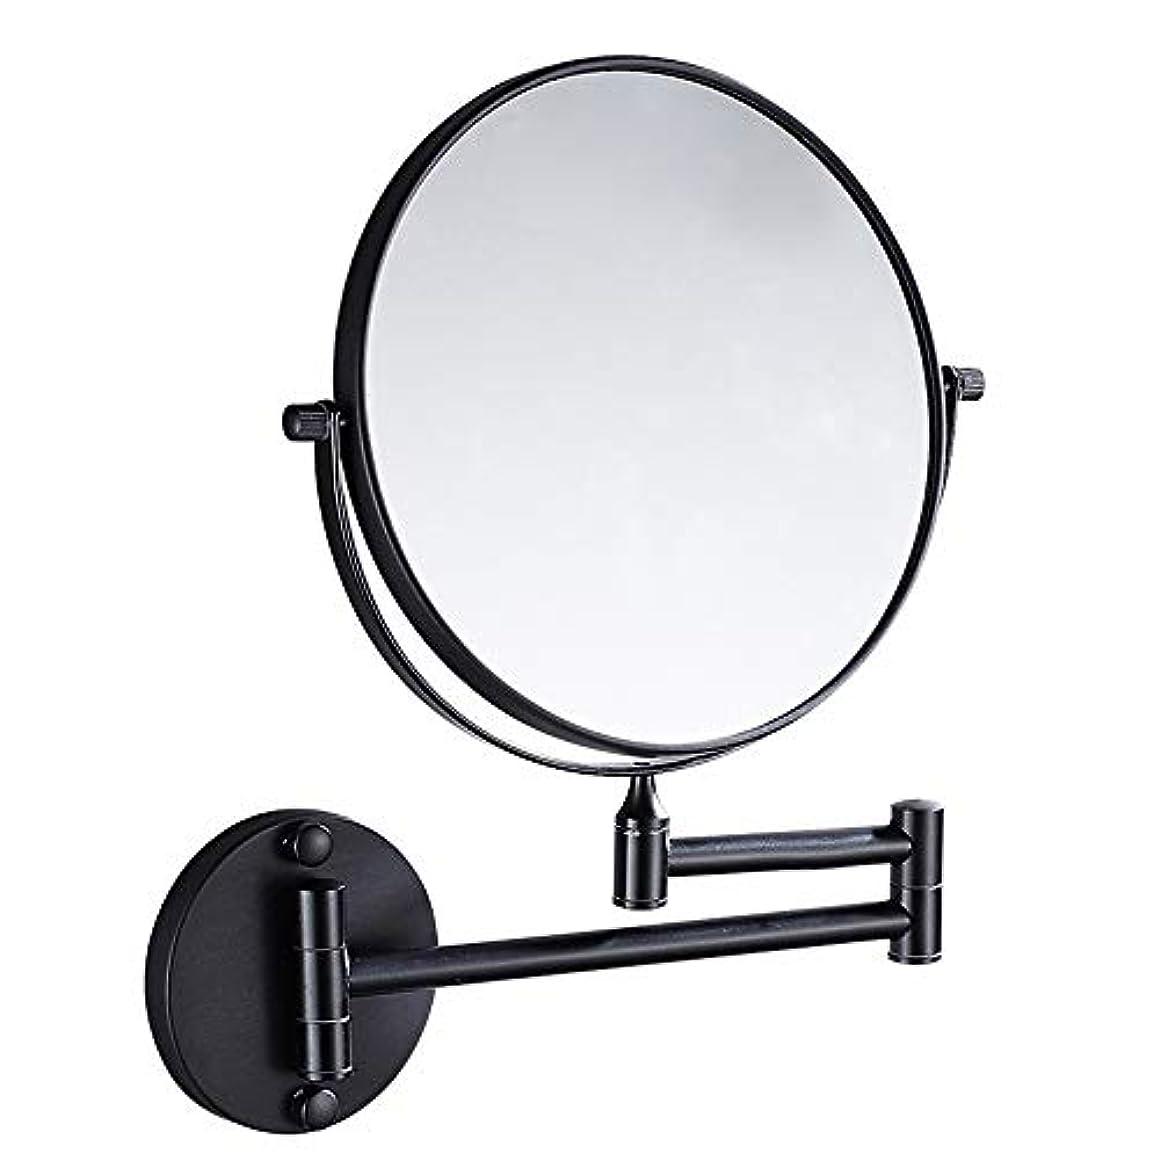 創造姓そのような流行の ブラック銅ミラー浴室壁掛け折りたたみ美容ミラー両面望遠鏡拡大鏡8インチパンチフリー